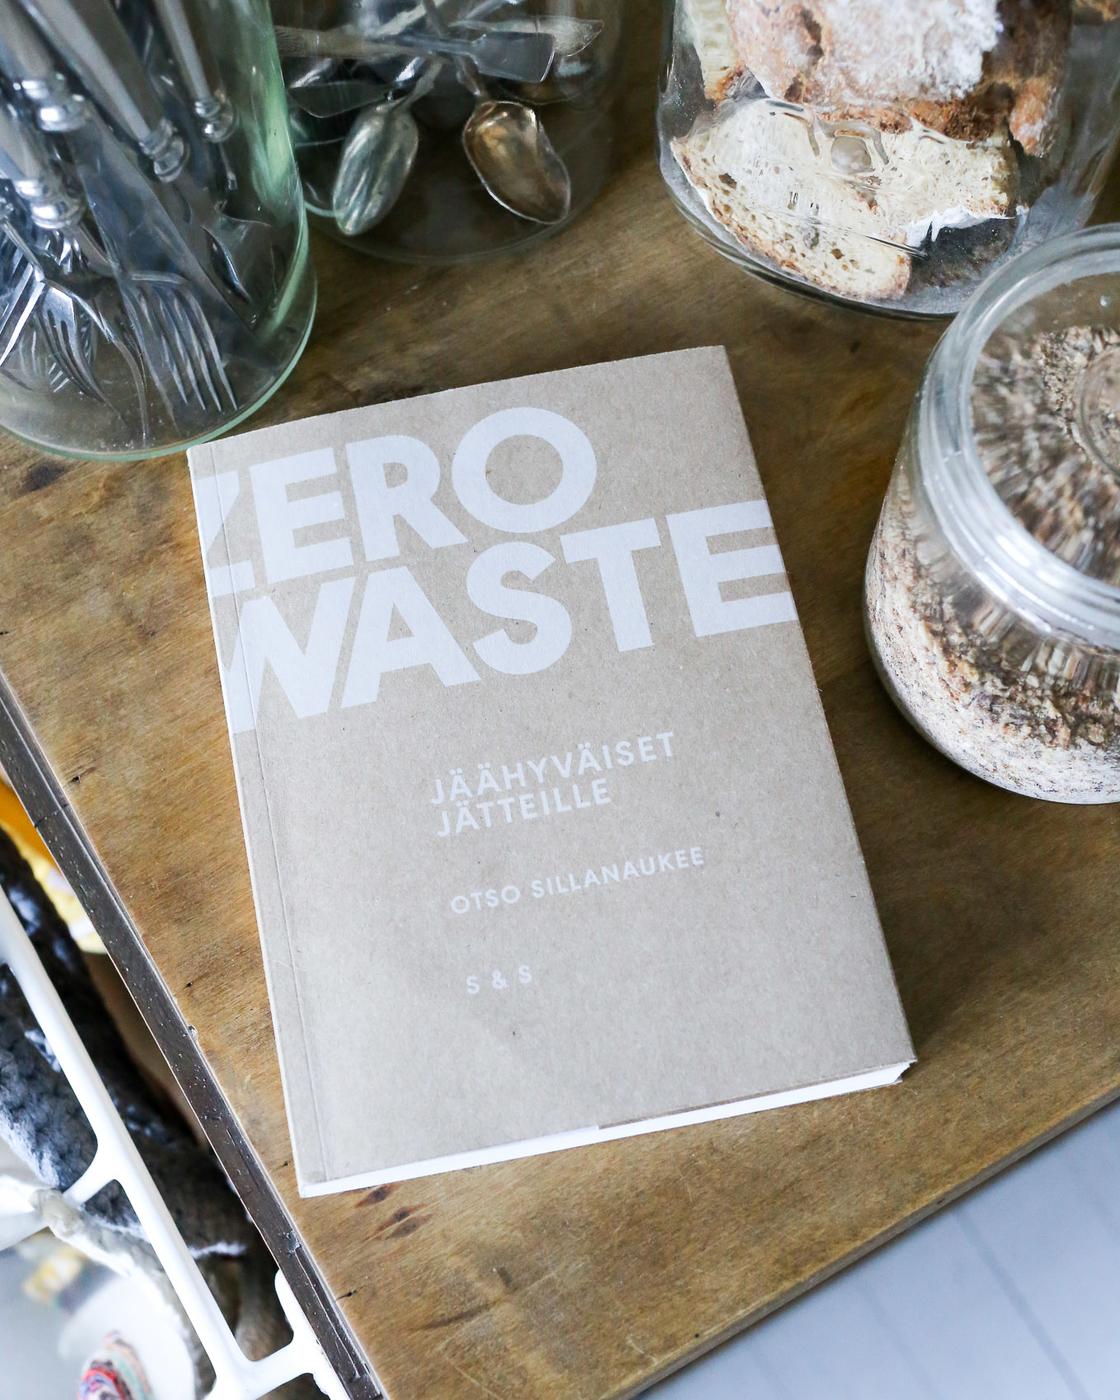 Jäähyväiset jätteille: Kuinka vähentää roskan määrää